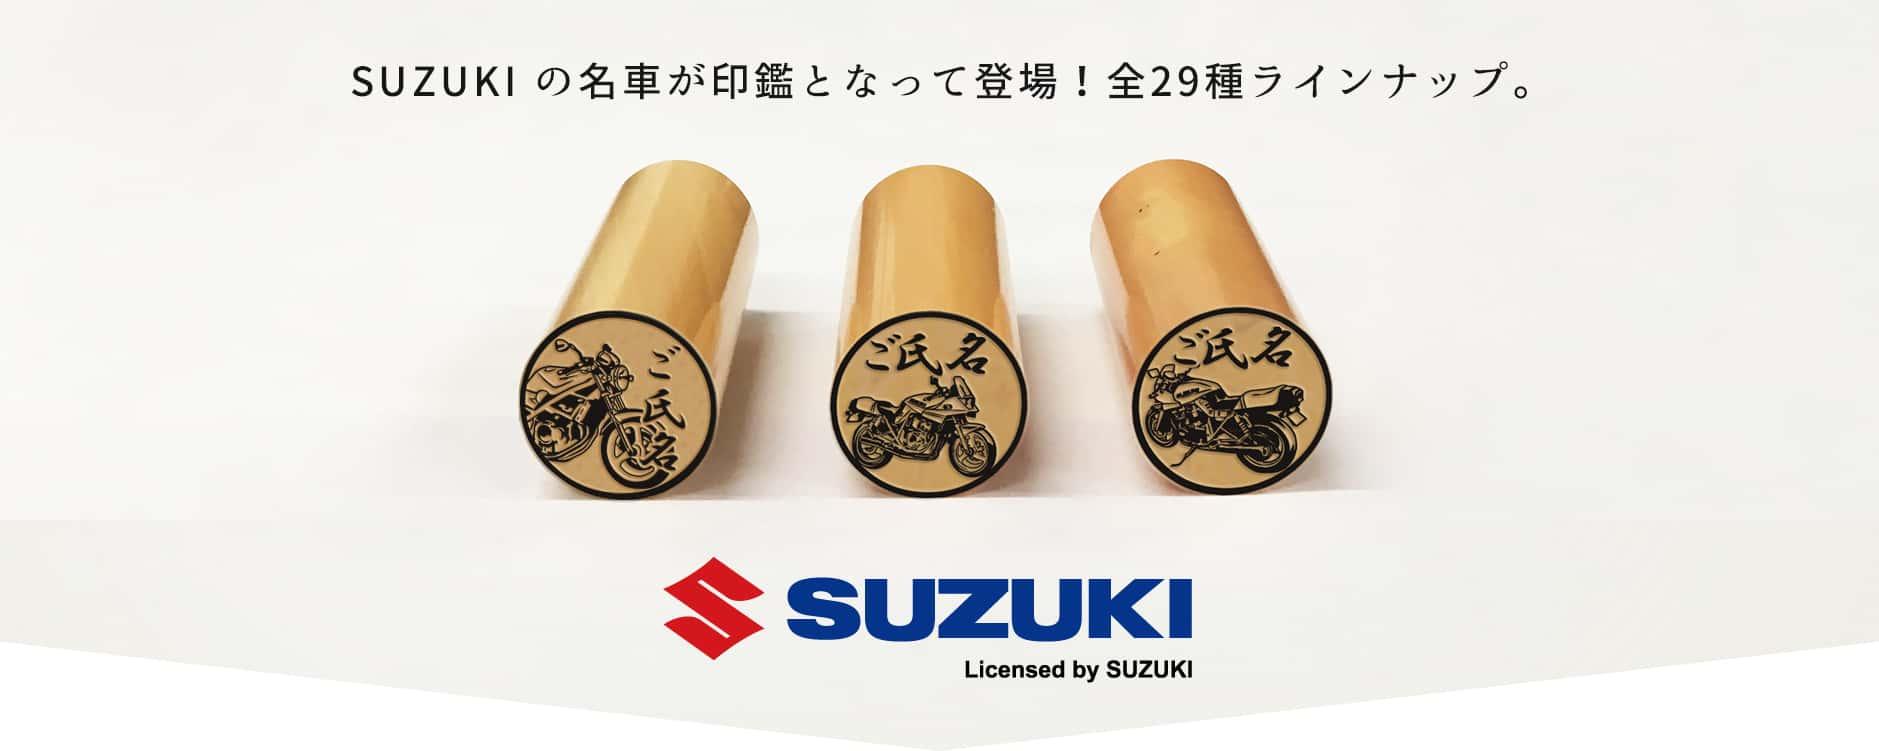 ★好評販売中のSUZUKIバイク印鑑に、新車種が追加! 新たに19車種を加え、全29車種のバイク印鑑がMONOIYで販売中!!